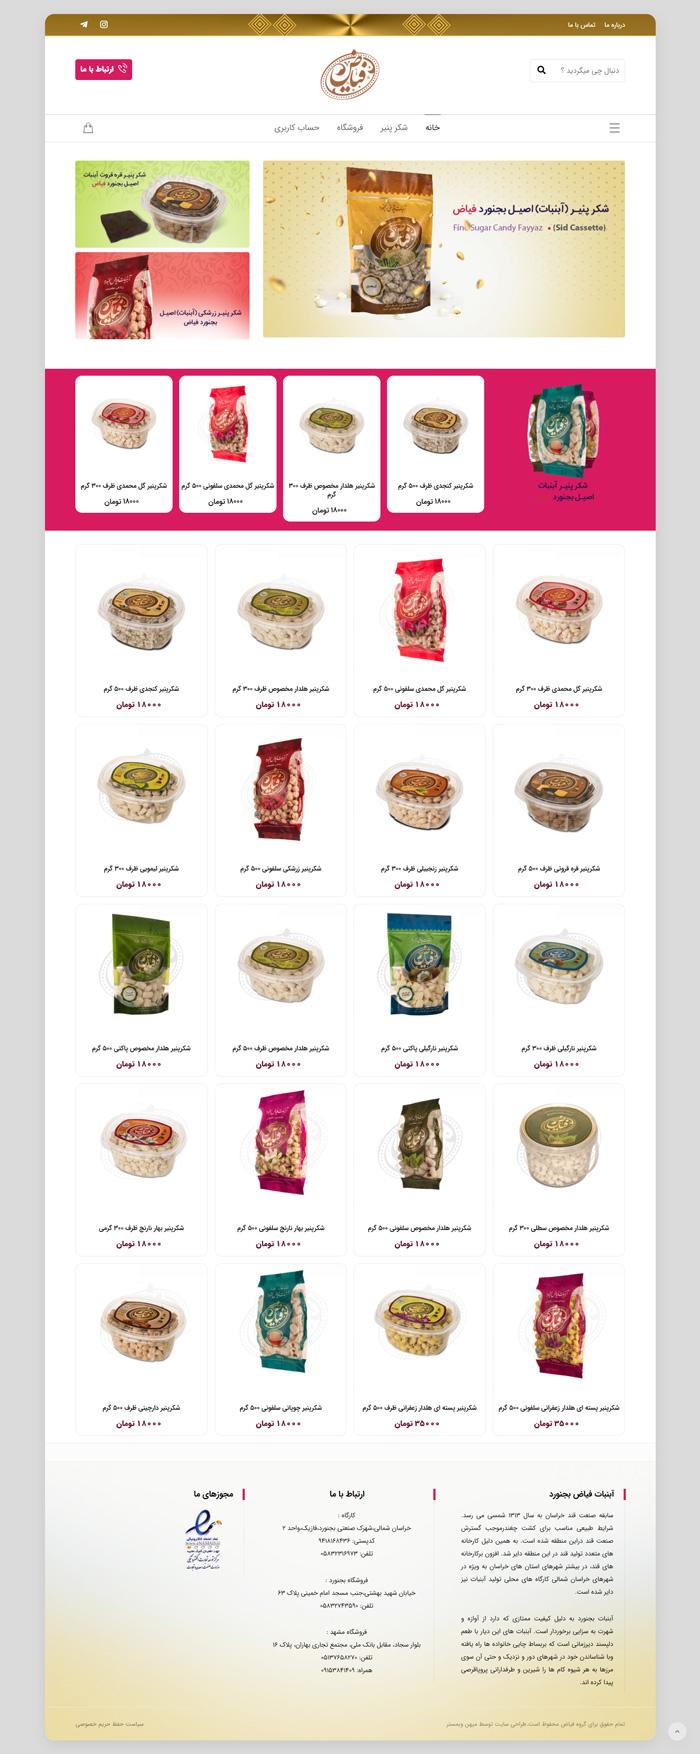 طراحی فروشگاه اینترنتی شکر پنیر فیاض